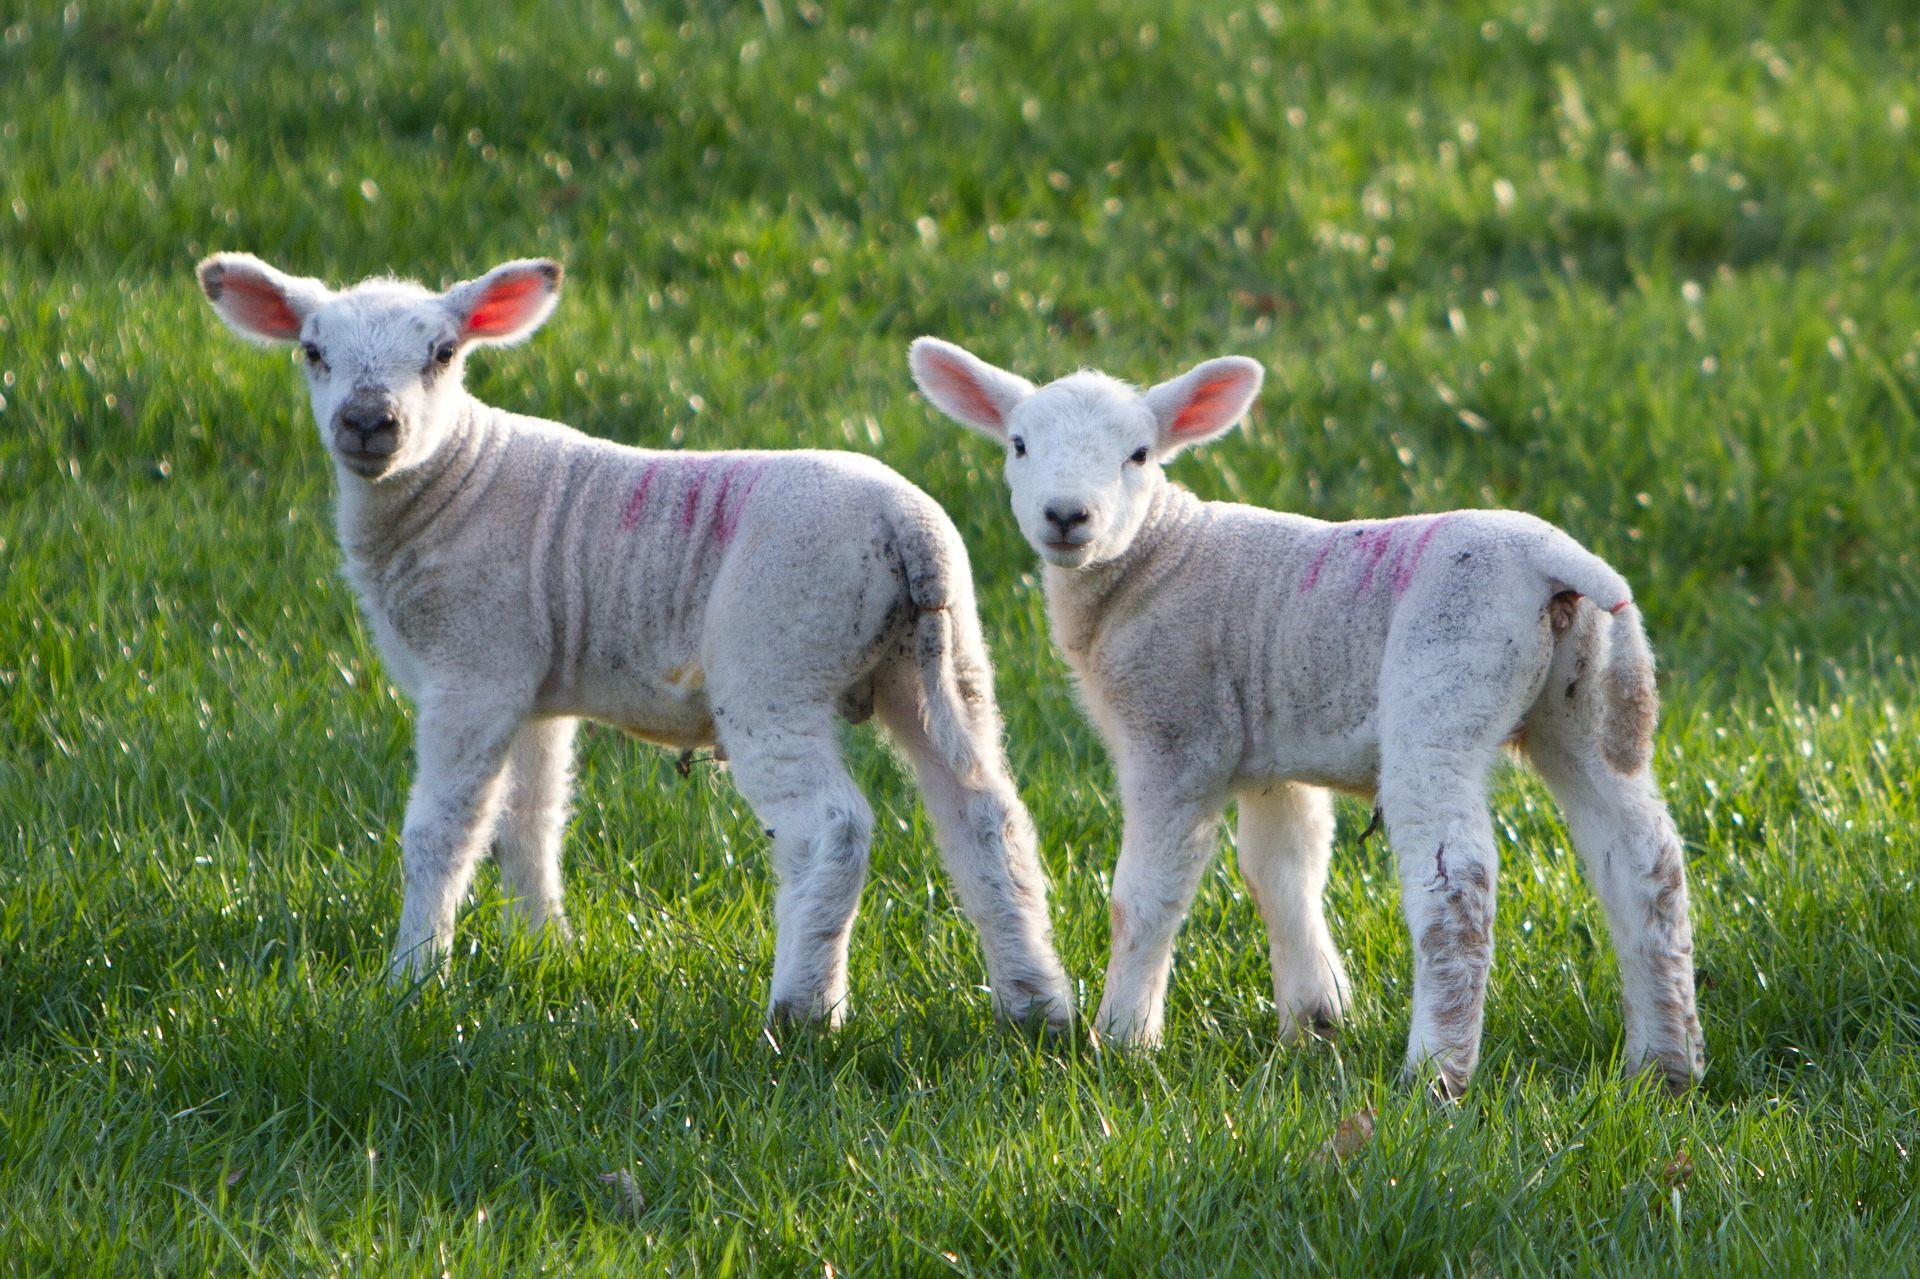 Alcuni cenni introduttivi sul latte in polvere per agnelli